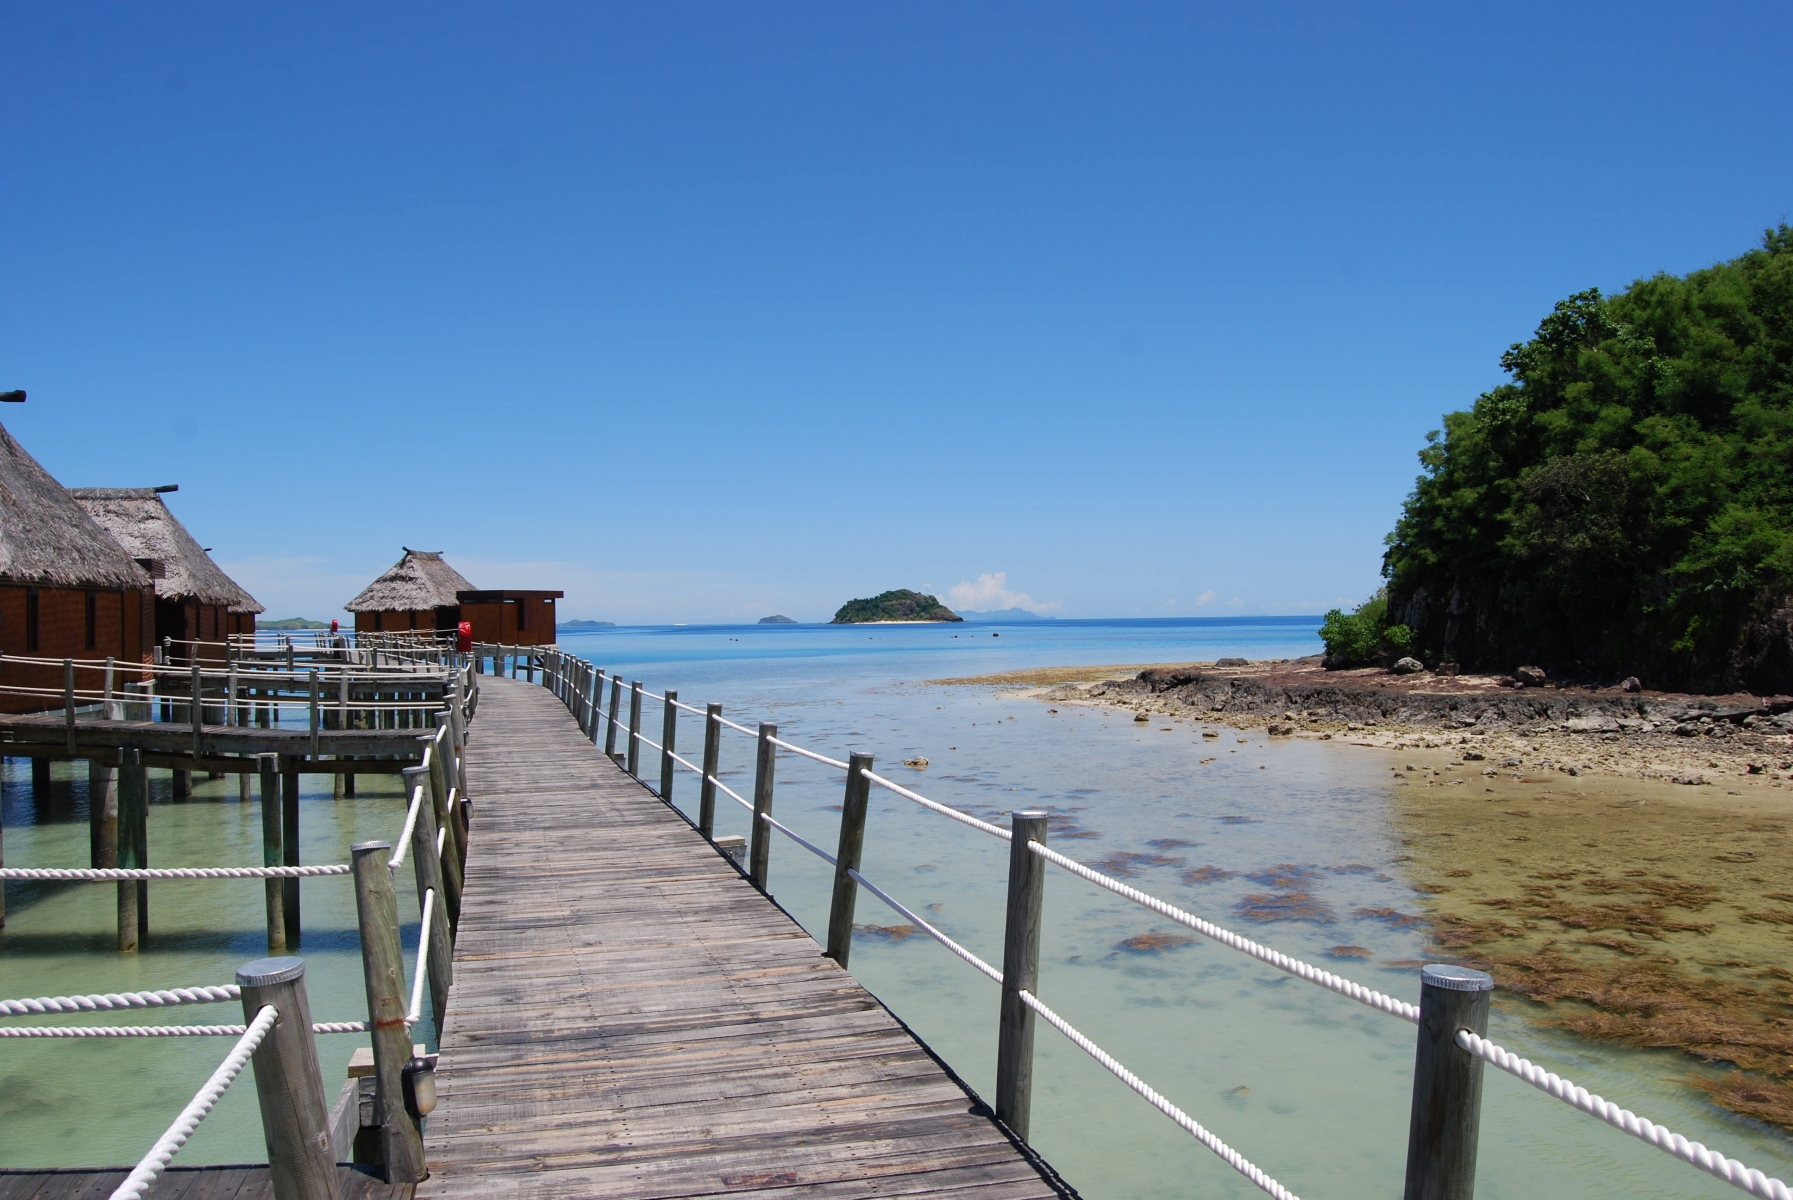 Likuliku-Lagoon-Resort-Fiji-2-1-2011-1-28-57-PM